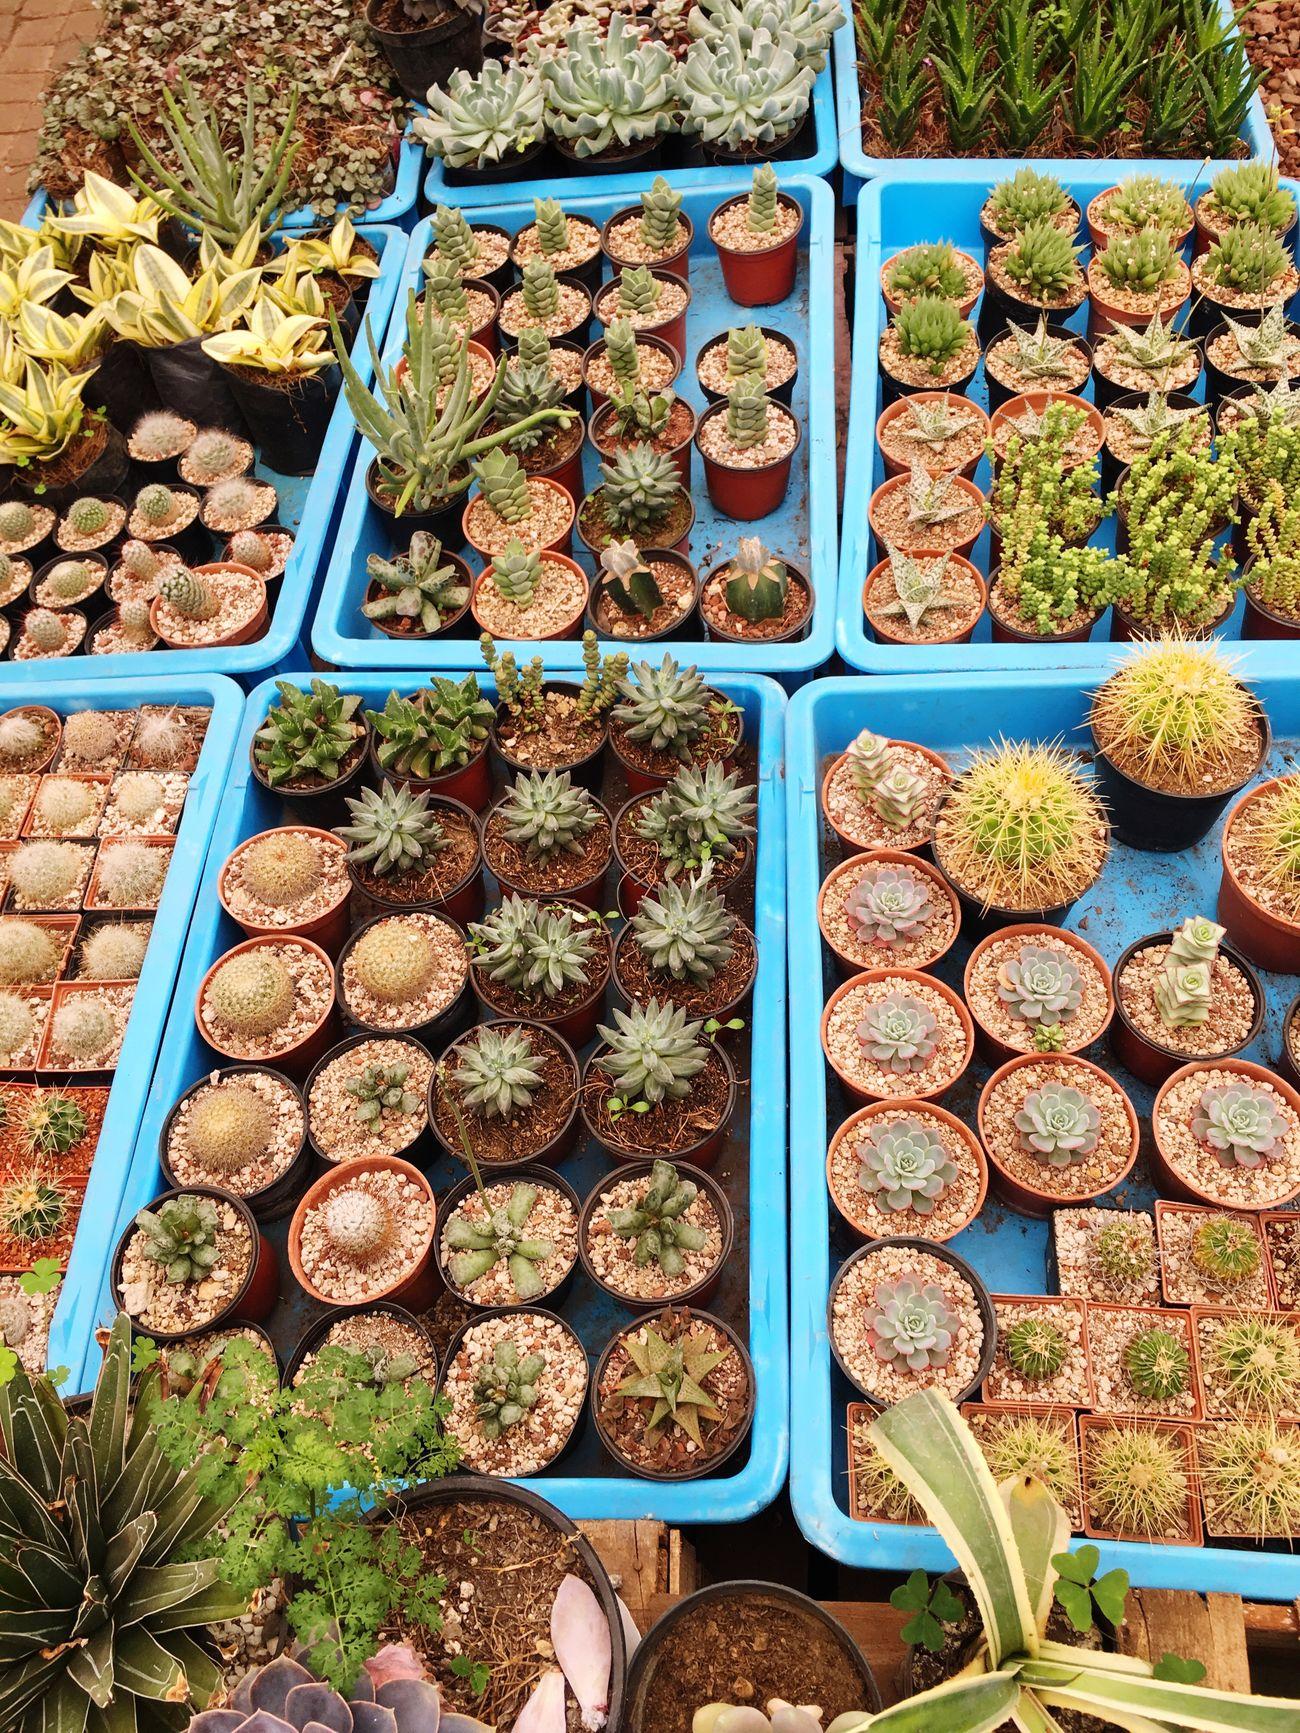 Variation Market No People Mexicomagico Disfrutando De La Vida Cactus 🌵 Adiccion